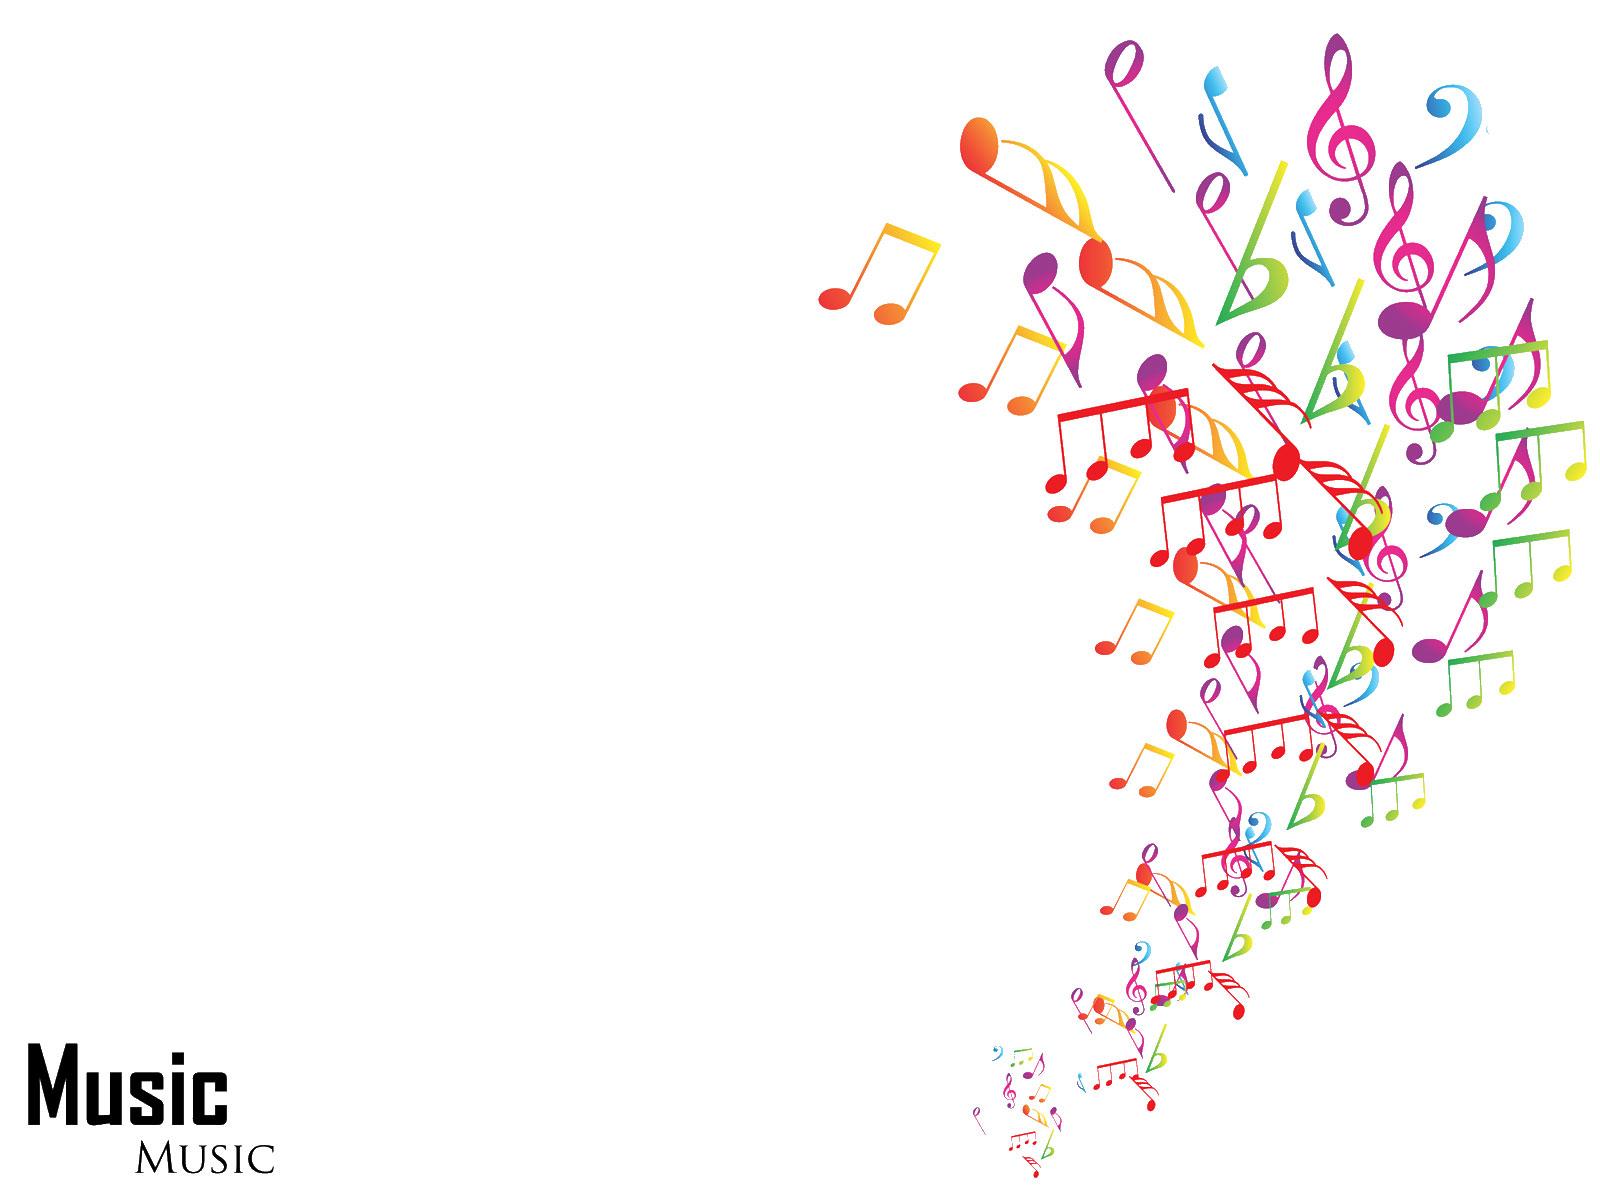 音符イラスト「踊る音符」- 無料のフリー素材